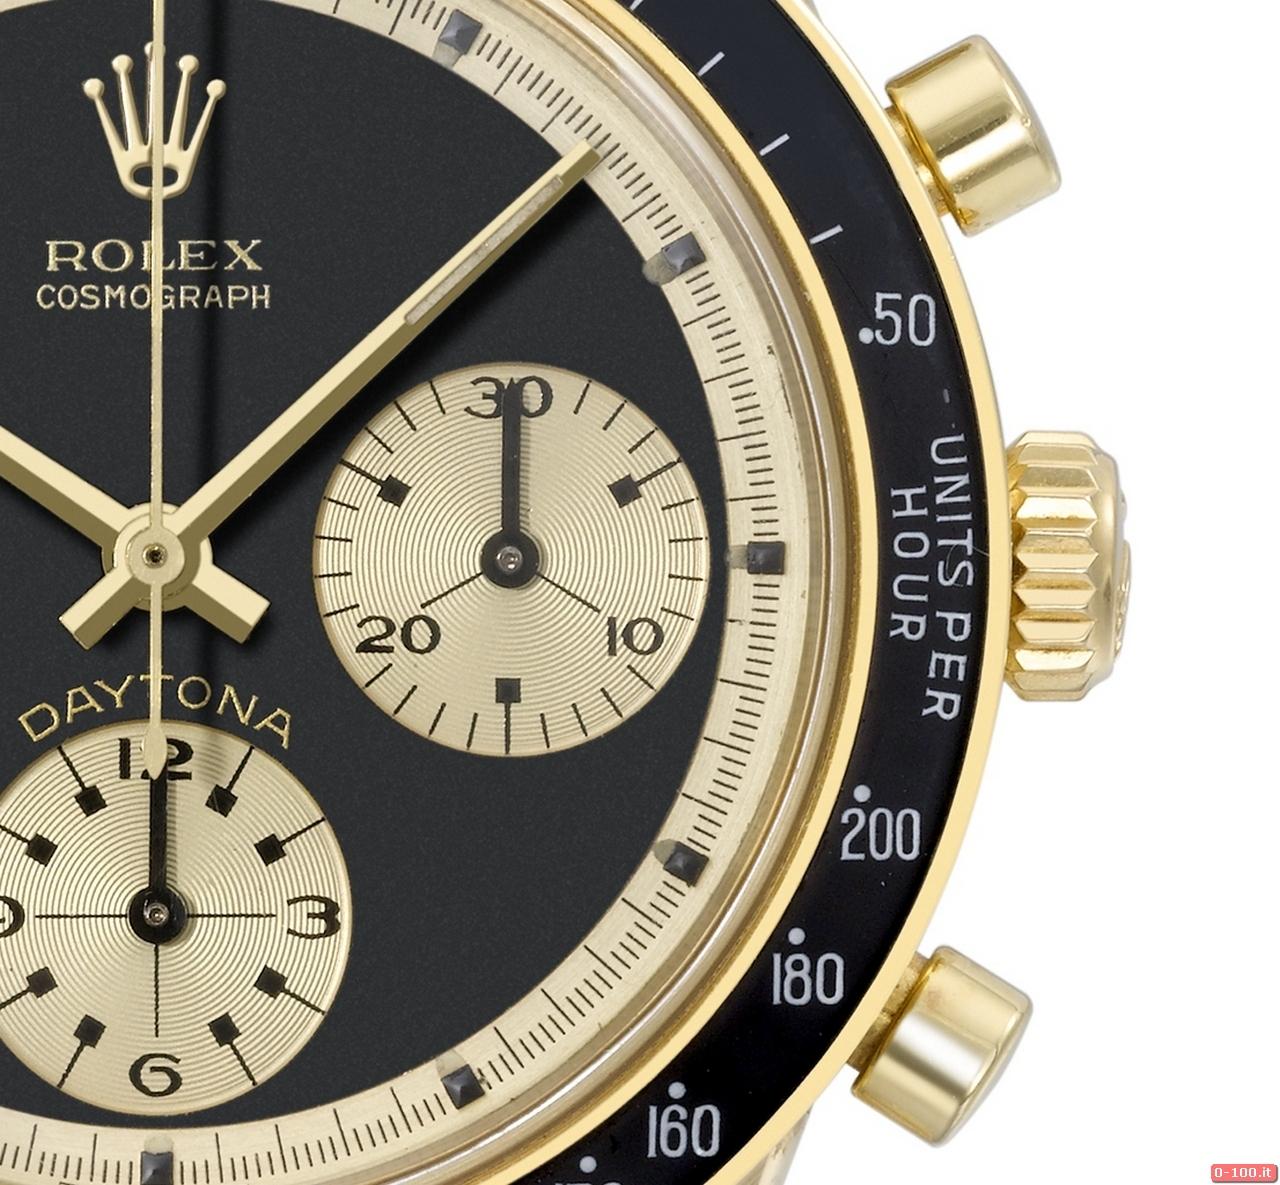 Rolex, prossima nuova apertura a Torino?